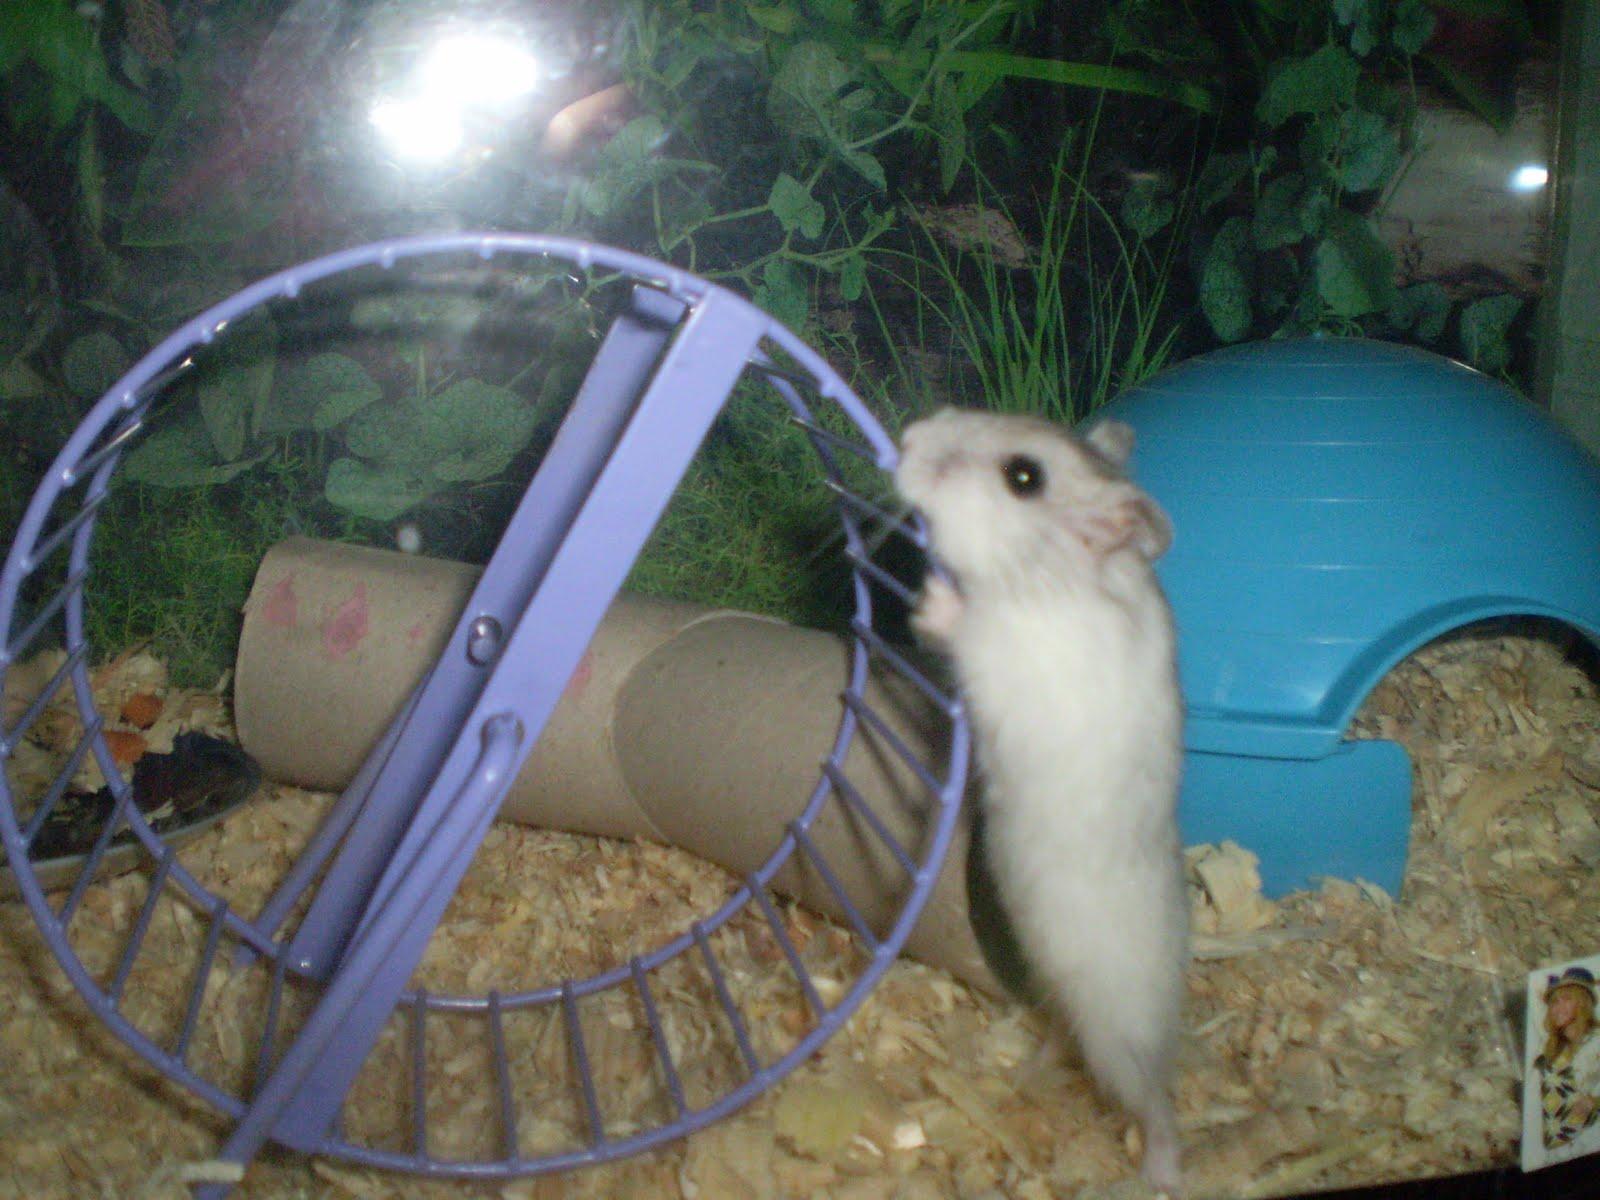 de ce a pierdut hamsterul meu folosind cele inteligente pentru a pierde în greutate